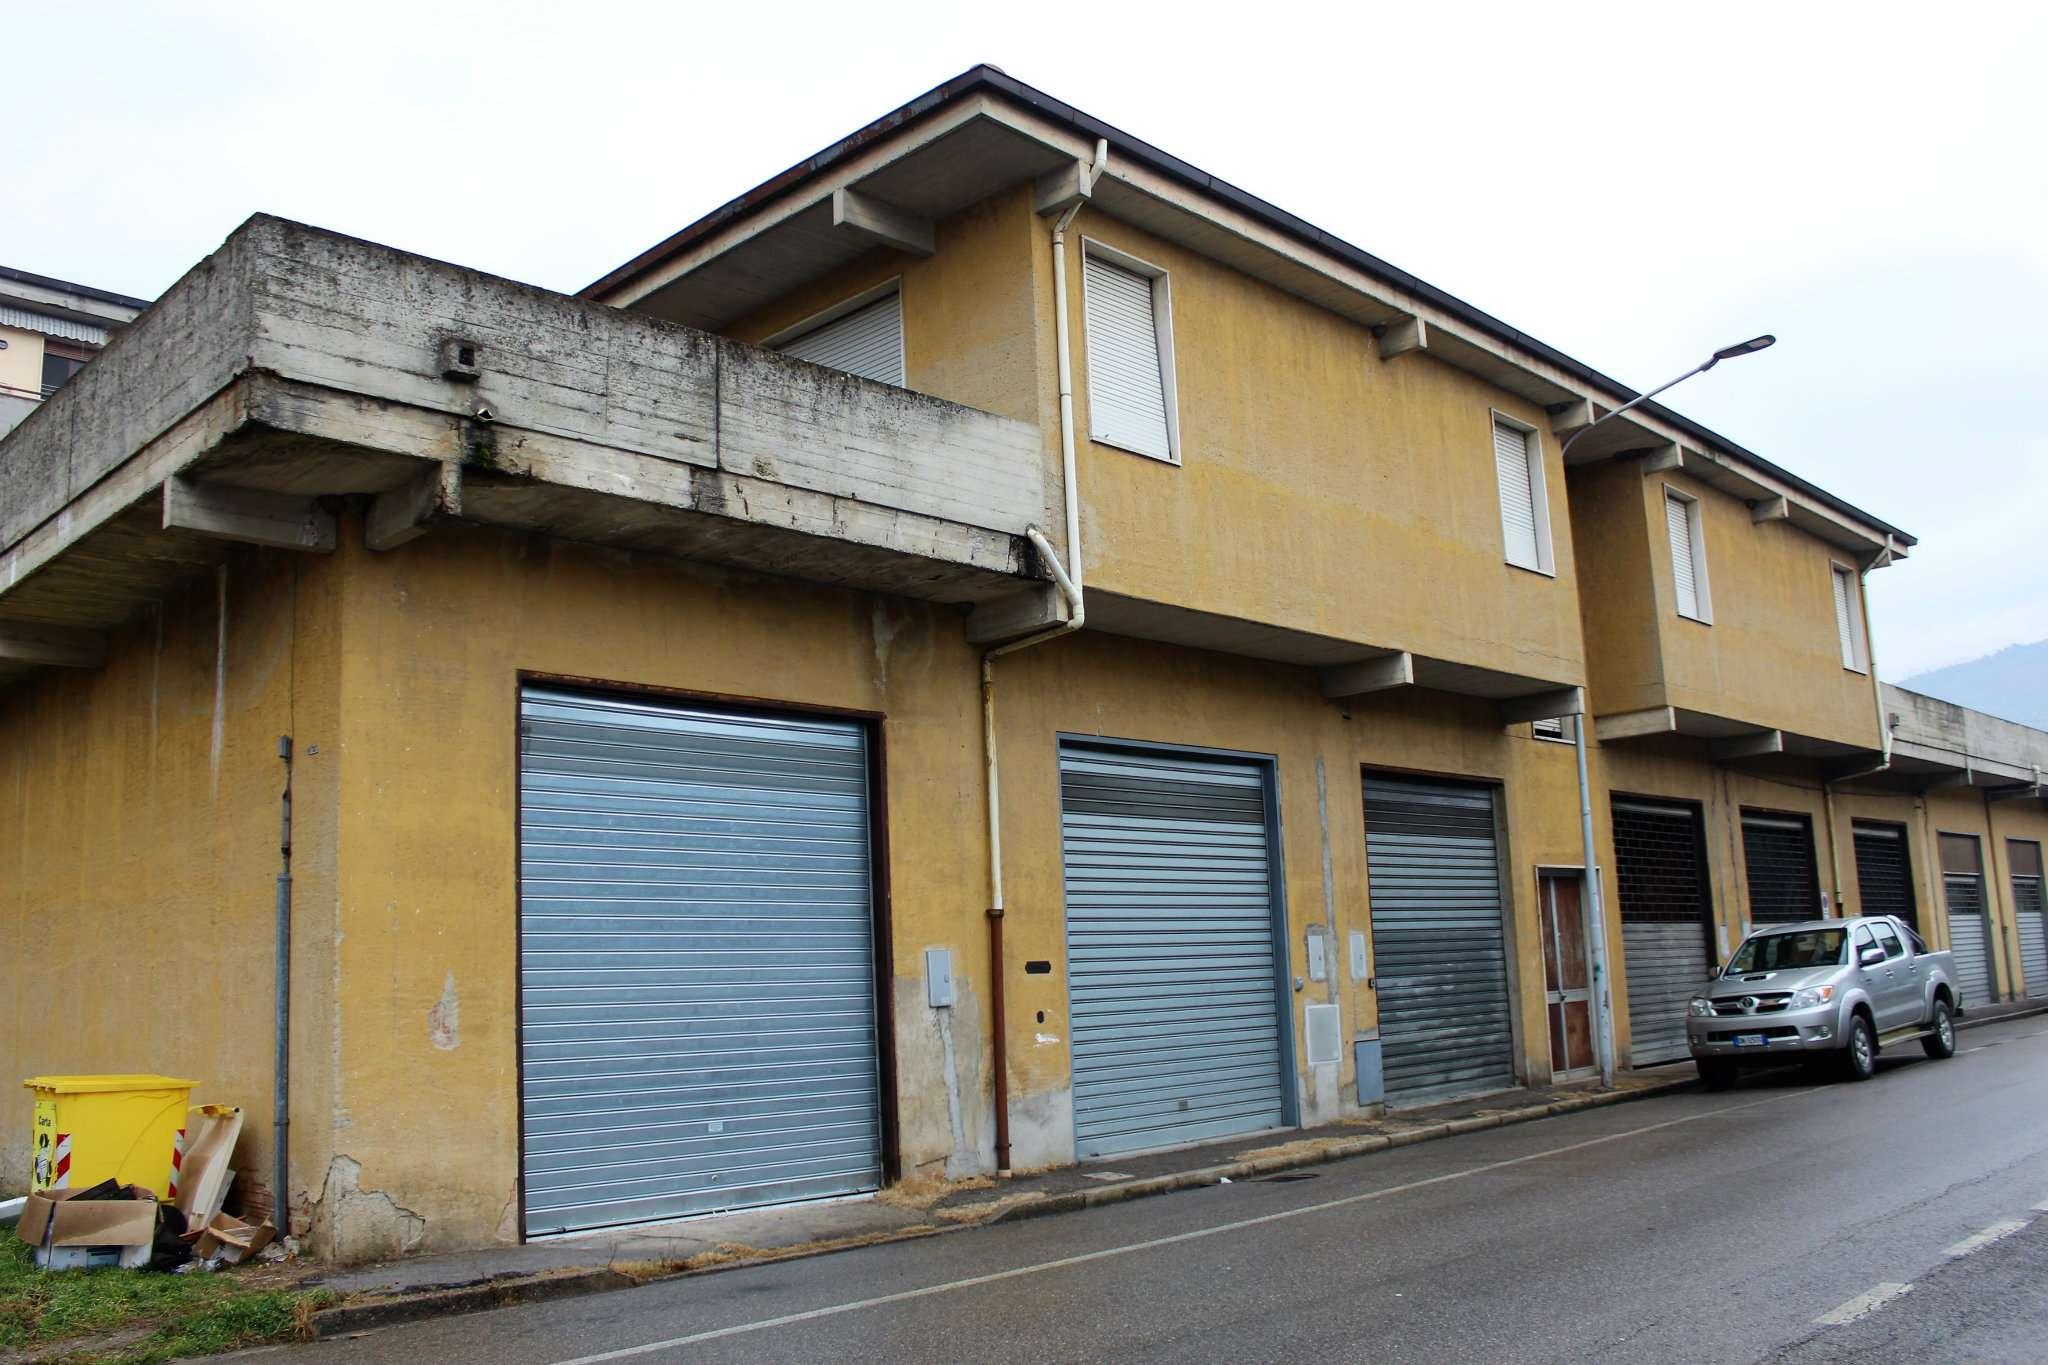 Attico / Mansarda in vendita a Pontassieve, 9 locali, prezzo € 160.000   Cambio Casa.it